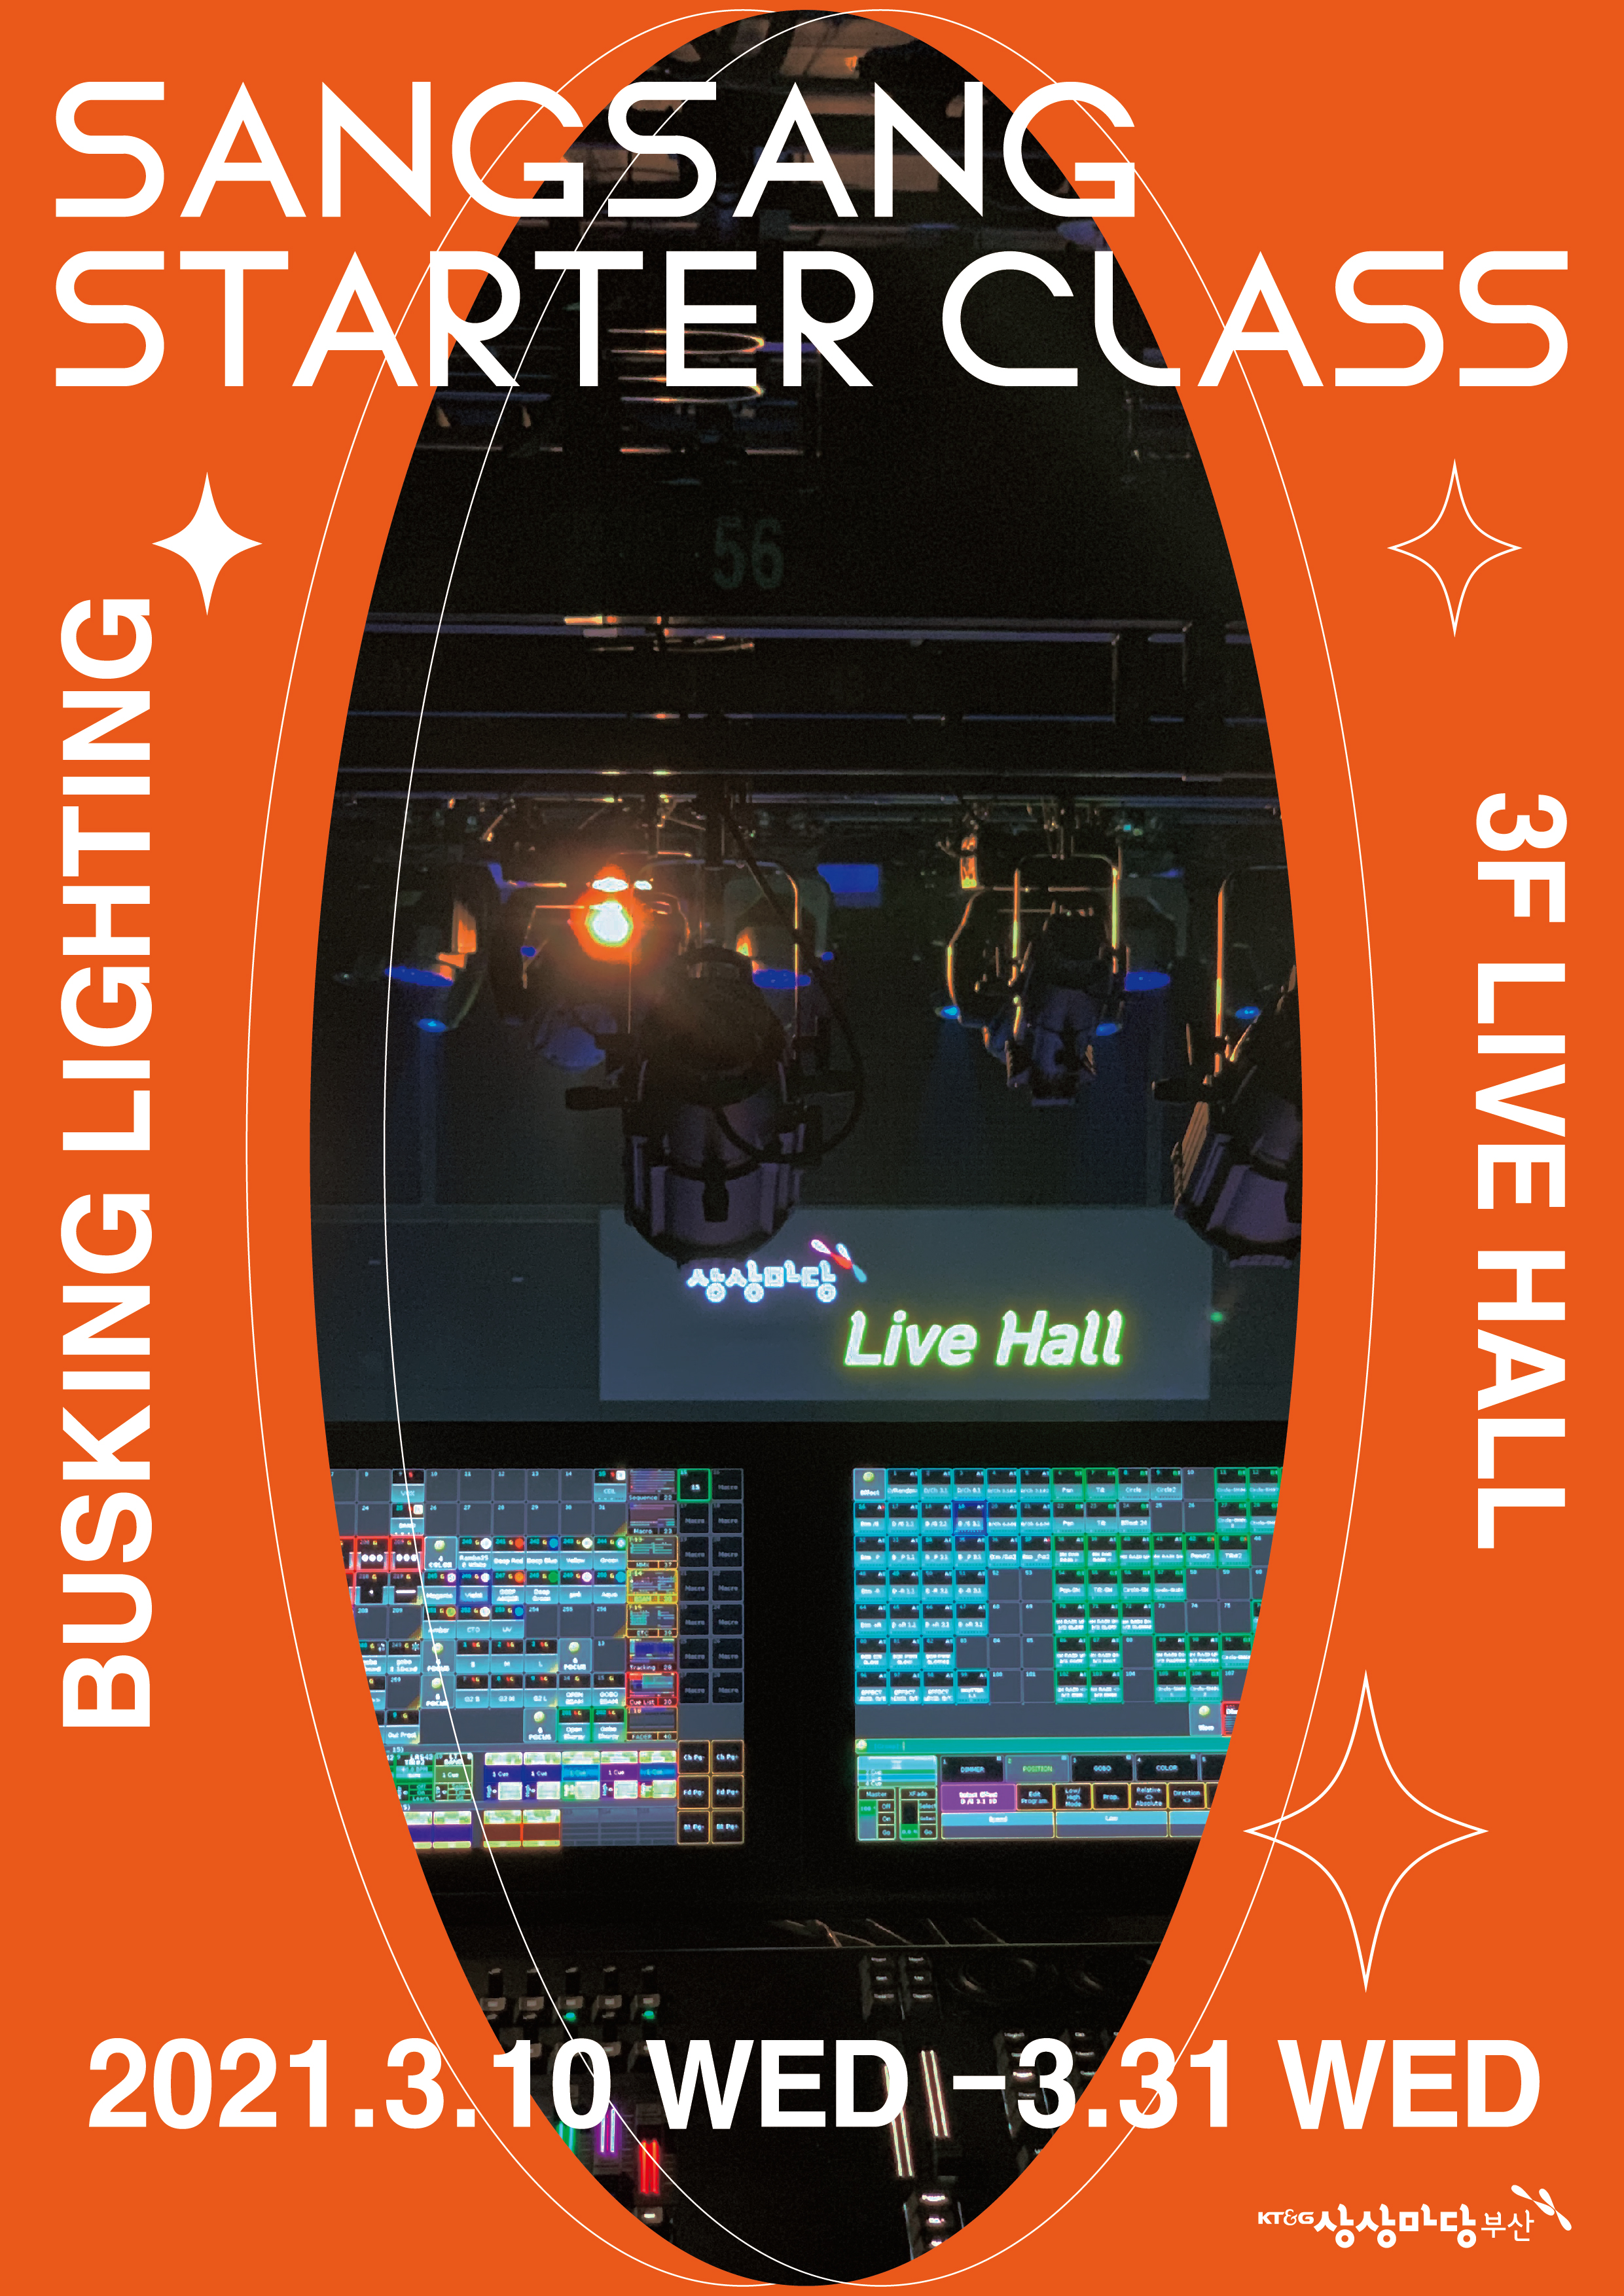 SANGSANG STARTER CLASS : 버스킹 조명